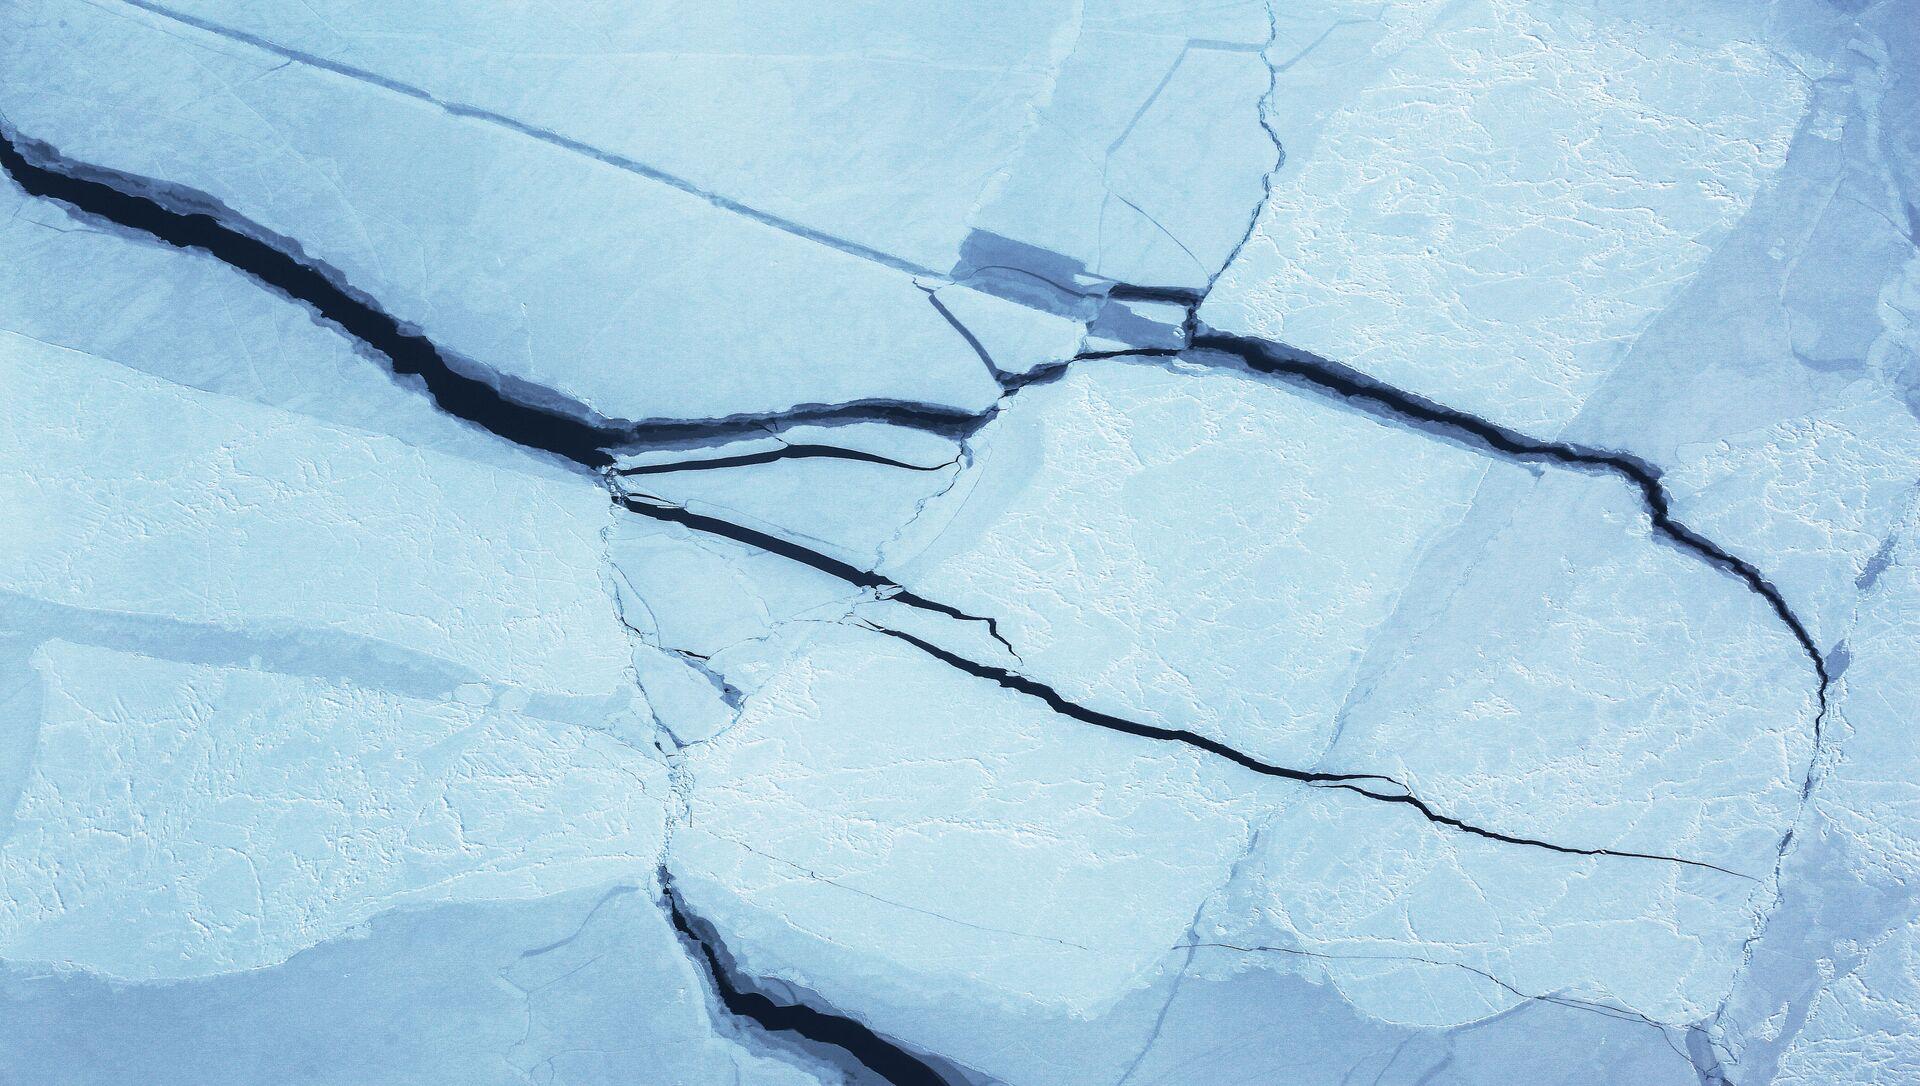 Трещины на льду - Sputnik 日本, 1920, 05.07.2021